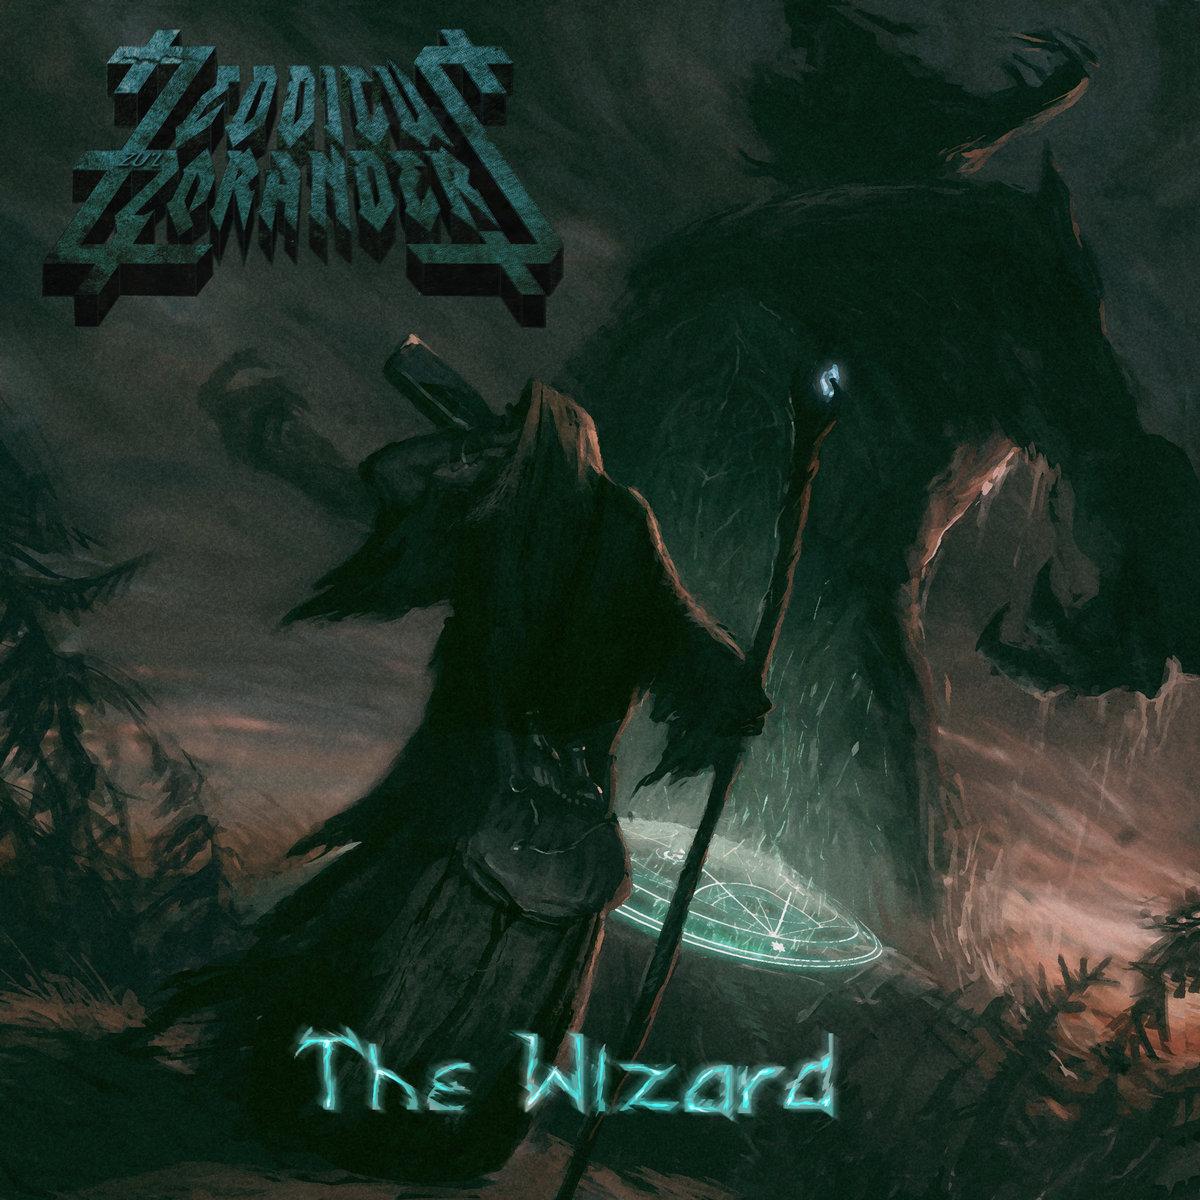 https://zeddicuszulzorander.bandcamp.com/album/the-wizard-2016-lp